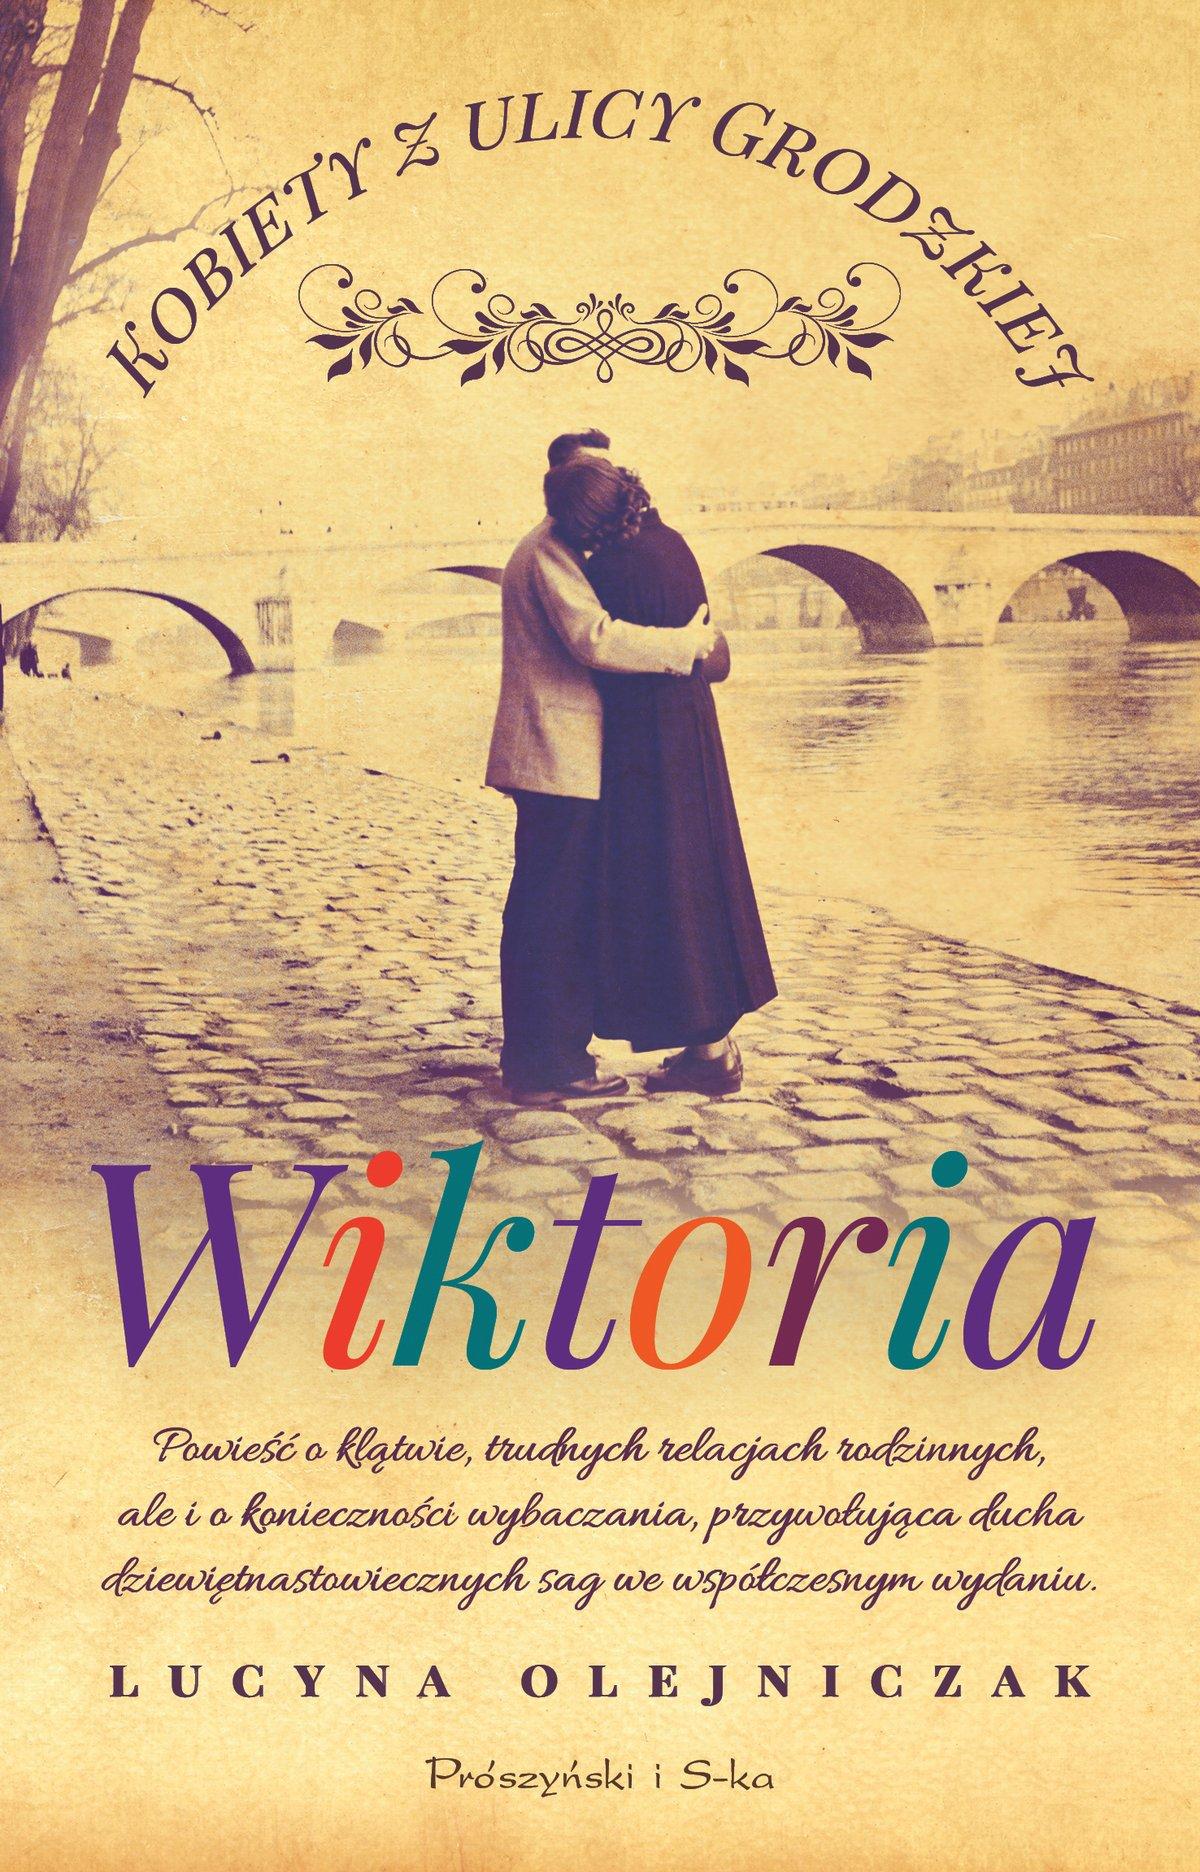 Kobiety z ulicy Grodzkiej Wiktoria - Ebook (Książka na Kindle) do pobrania w formacie MOBI